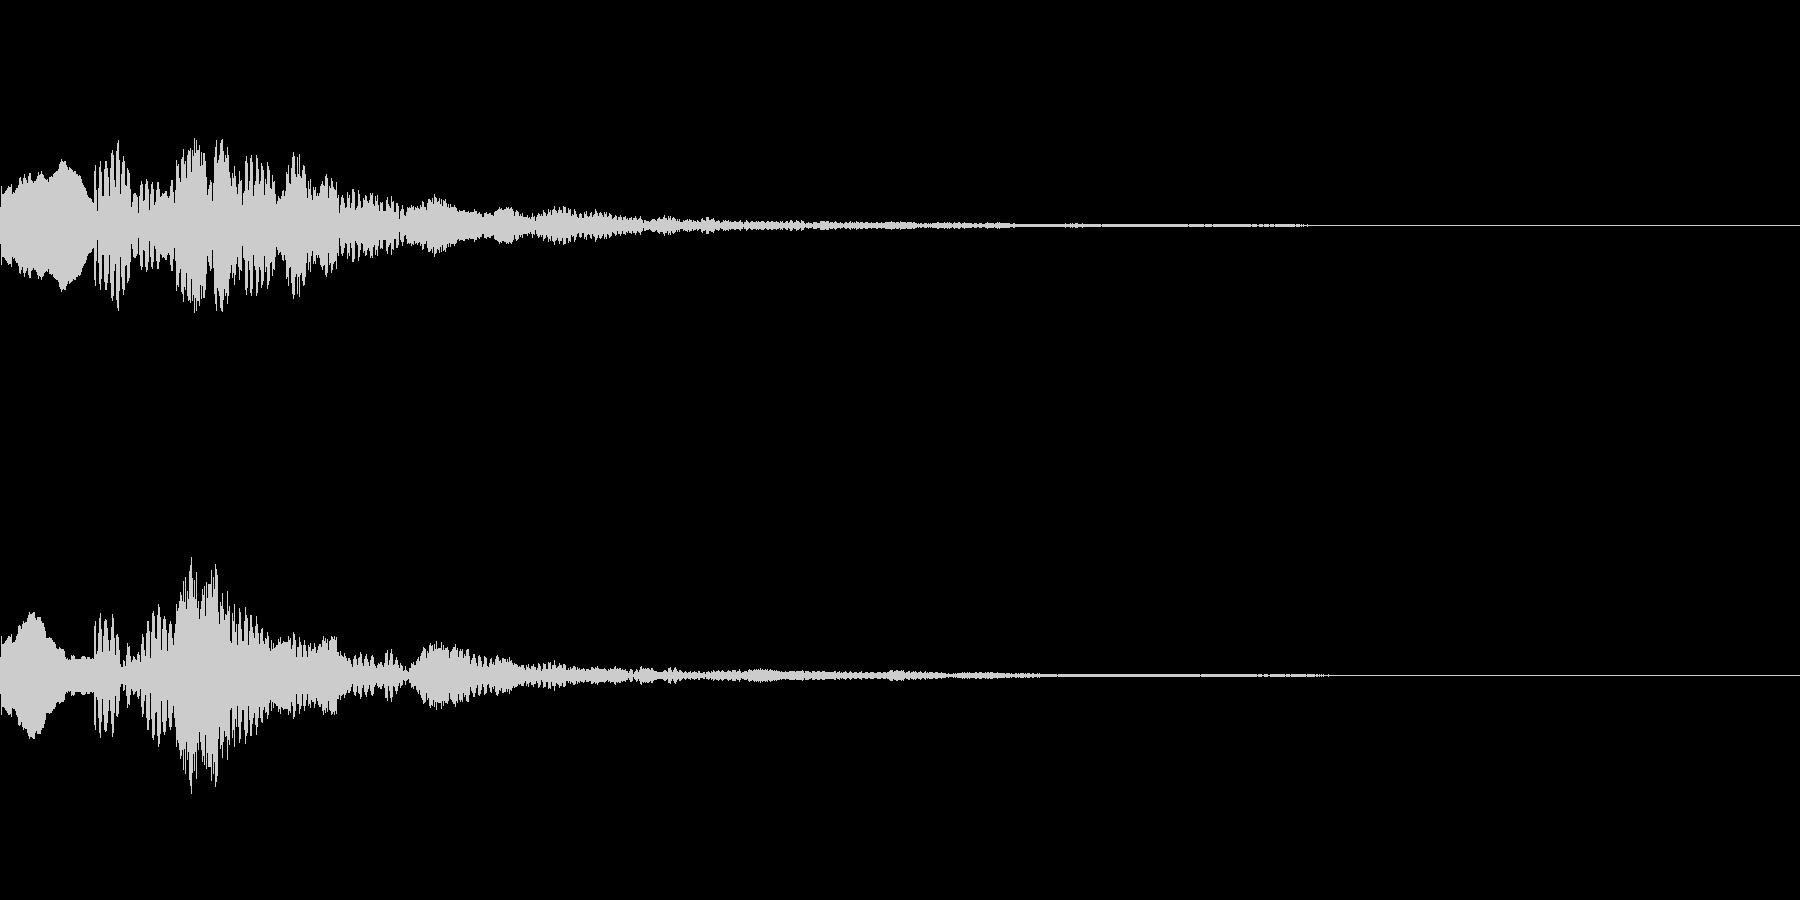 ピロリン(綺麗で透明感のある決定音)の未再生の波形